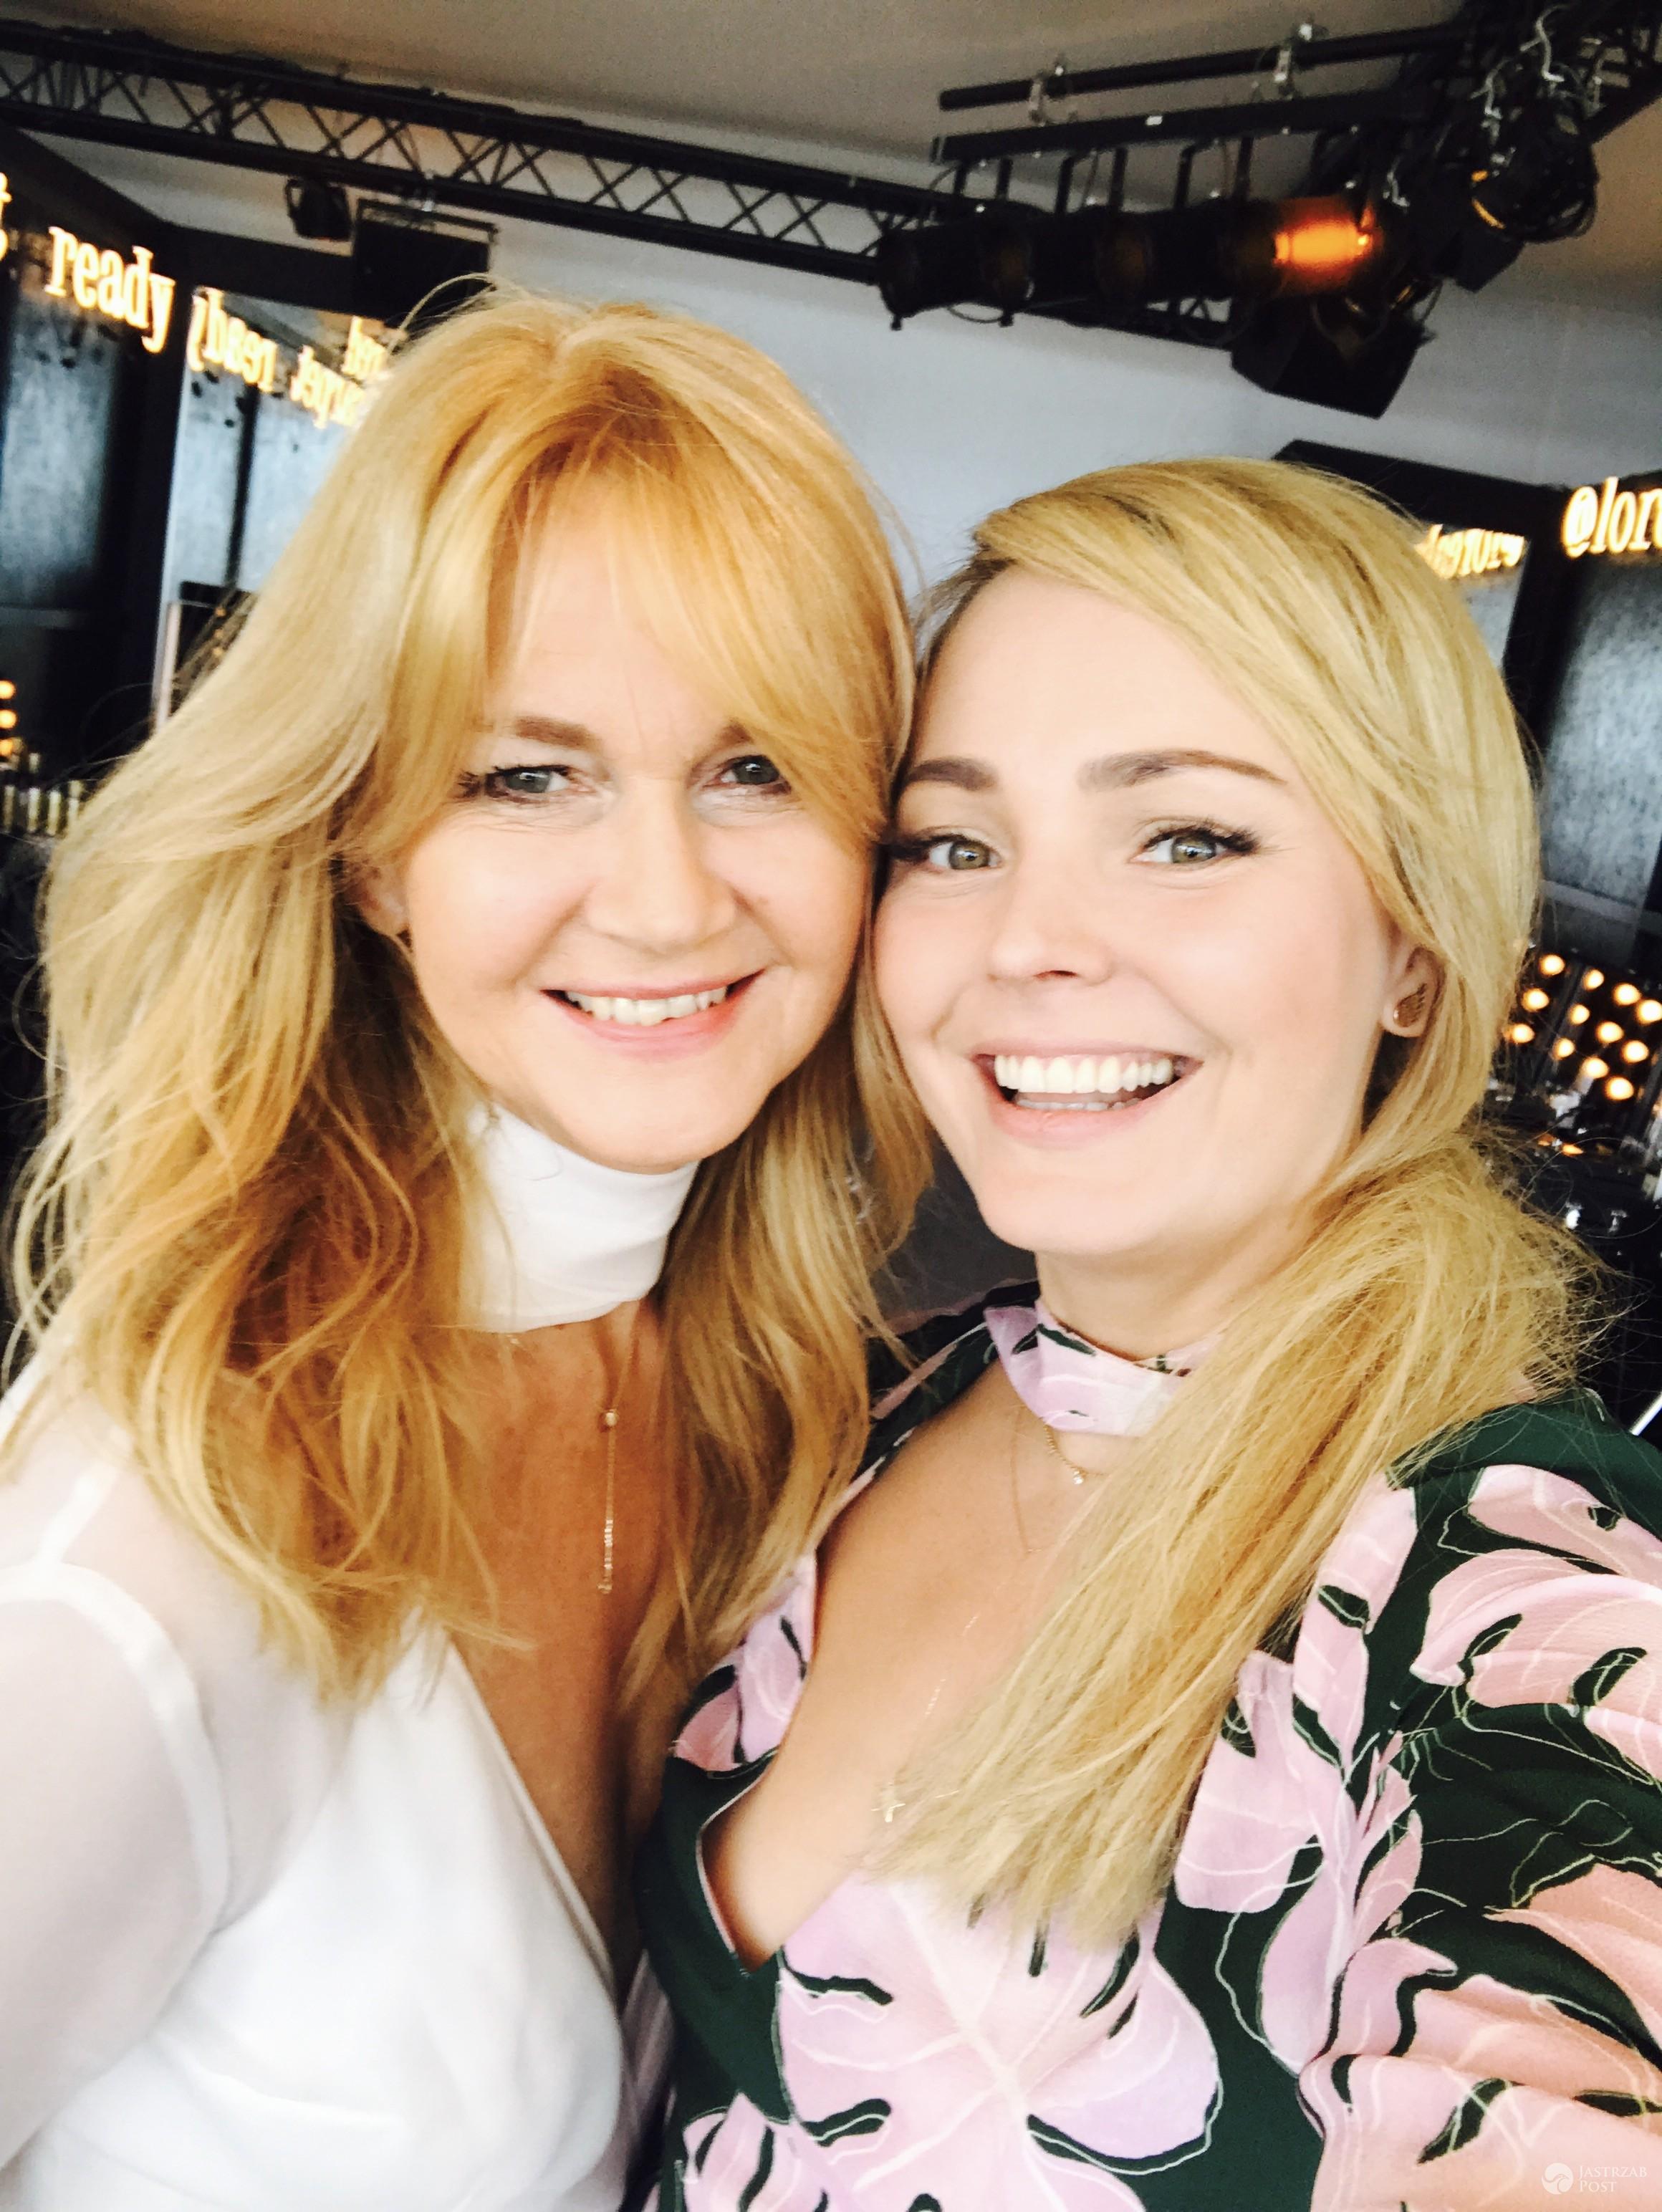 Grażyna Torbicka i Agnieszka Jastrzębska w Cannes 2017